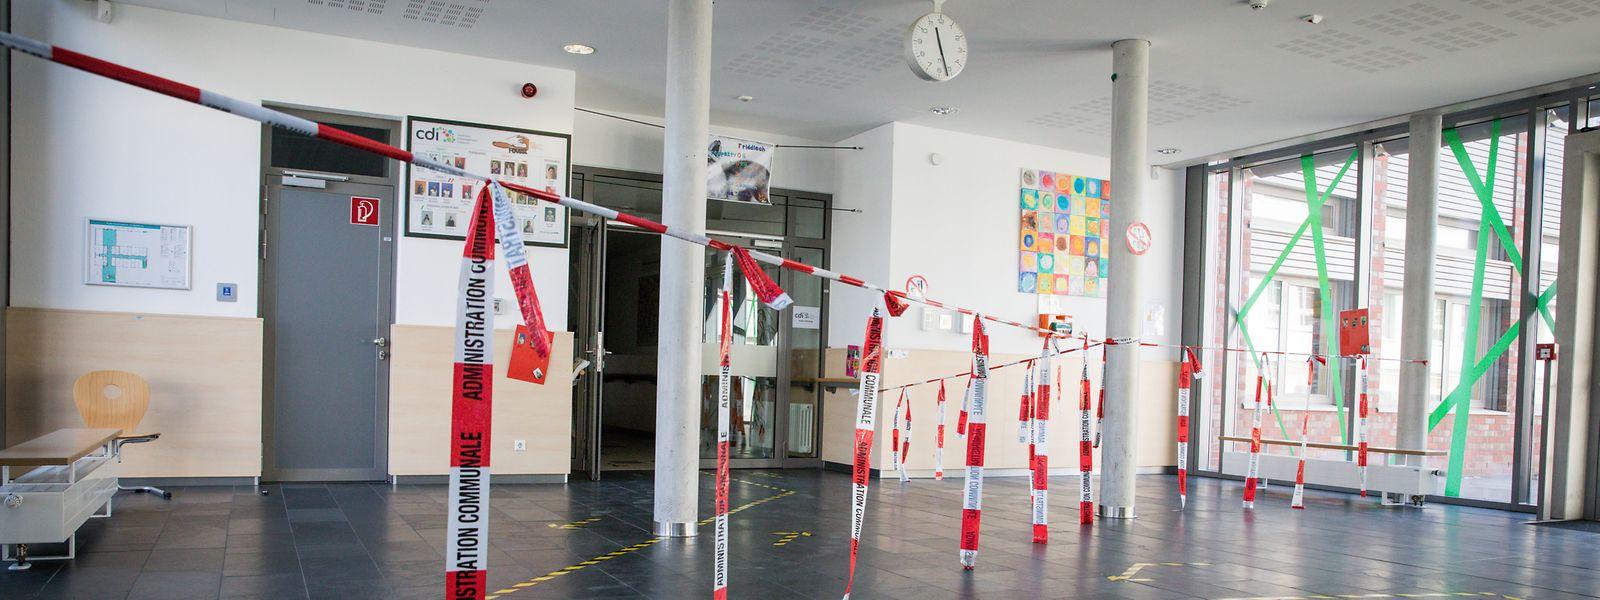 So sieht der Eingang der Schule in Fousbann neuerdings aus. Die Absperrungen zielen darauf hin, dass Schüler aus den verschiedenen Stockwerken sich nicht über den Weg laufen.